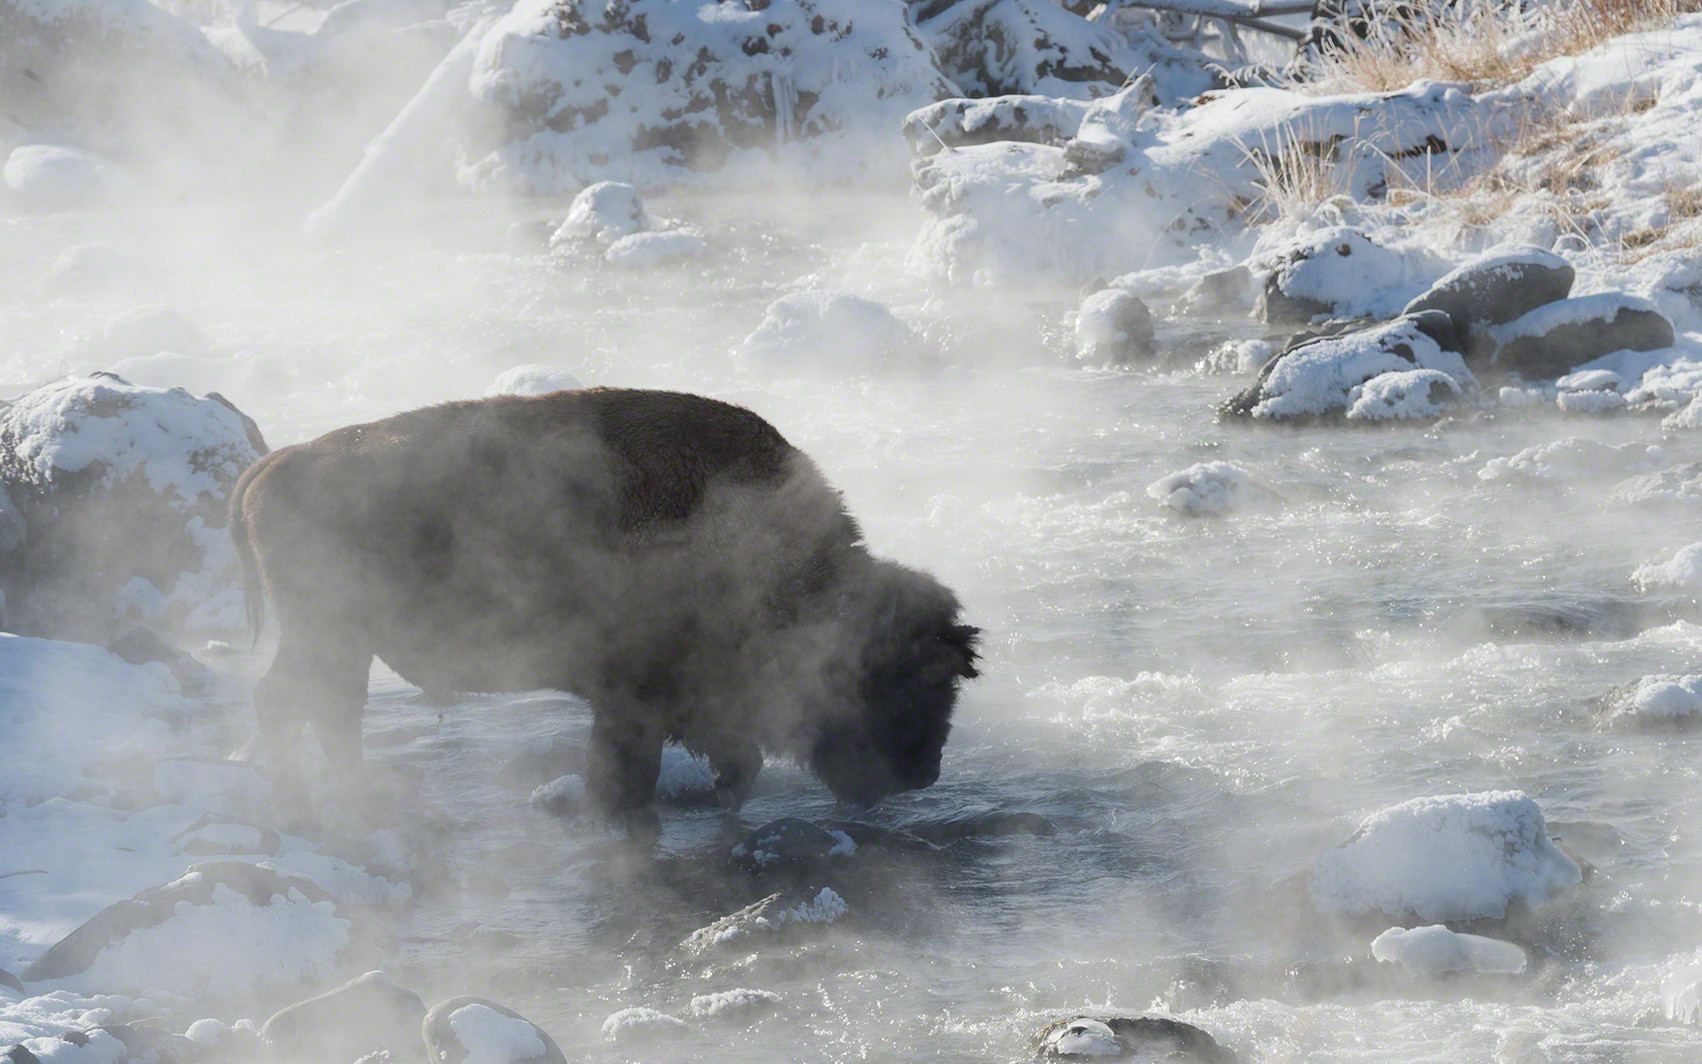 Steamy bison